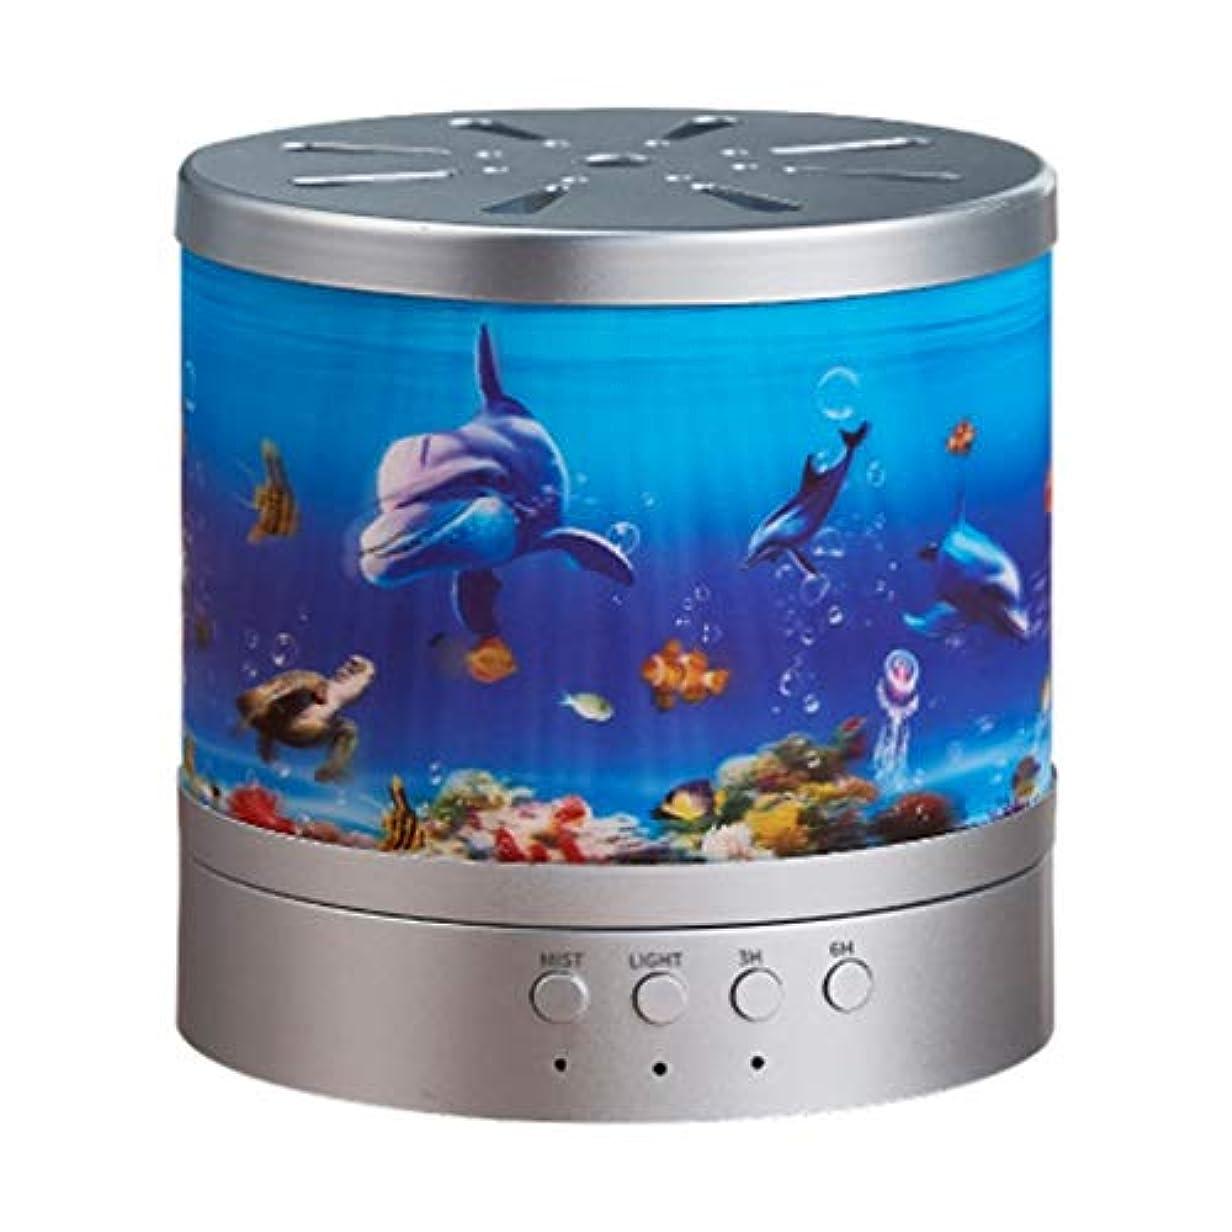 裏切り者遠征ウェーハ精油のための海洋の主題の拡散器超音波涼しい霧の加湿器、水なしの自動シャットオフおよび7つの色LEDライトは内務省のために変わります (Color : Silver)